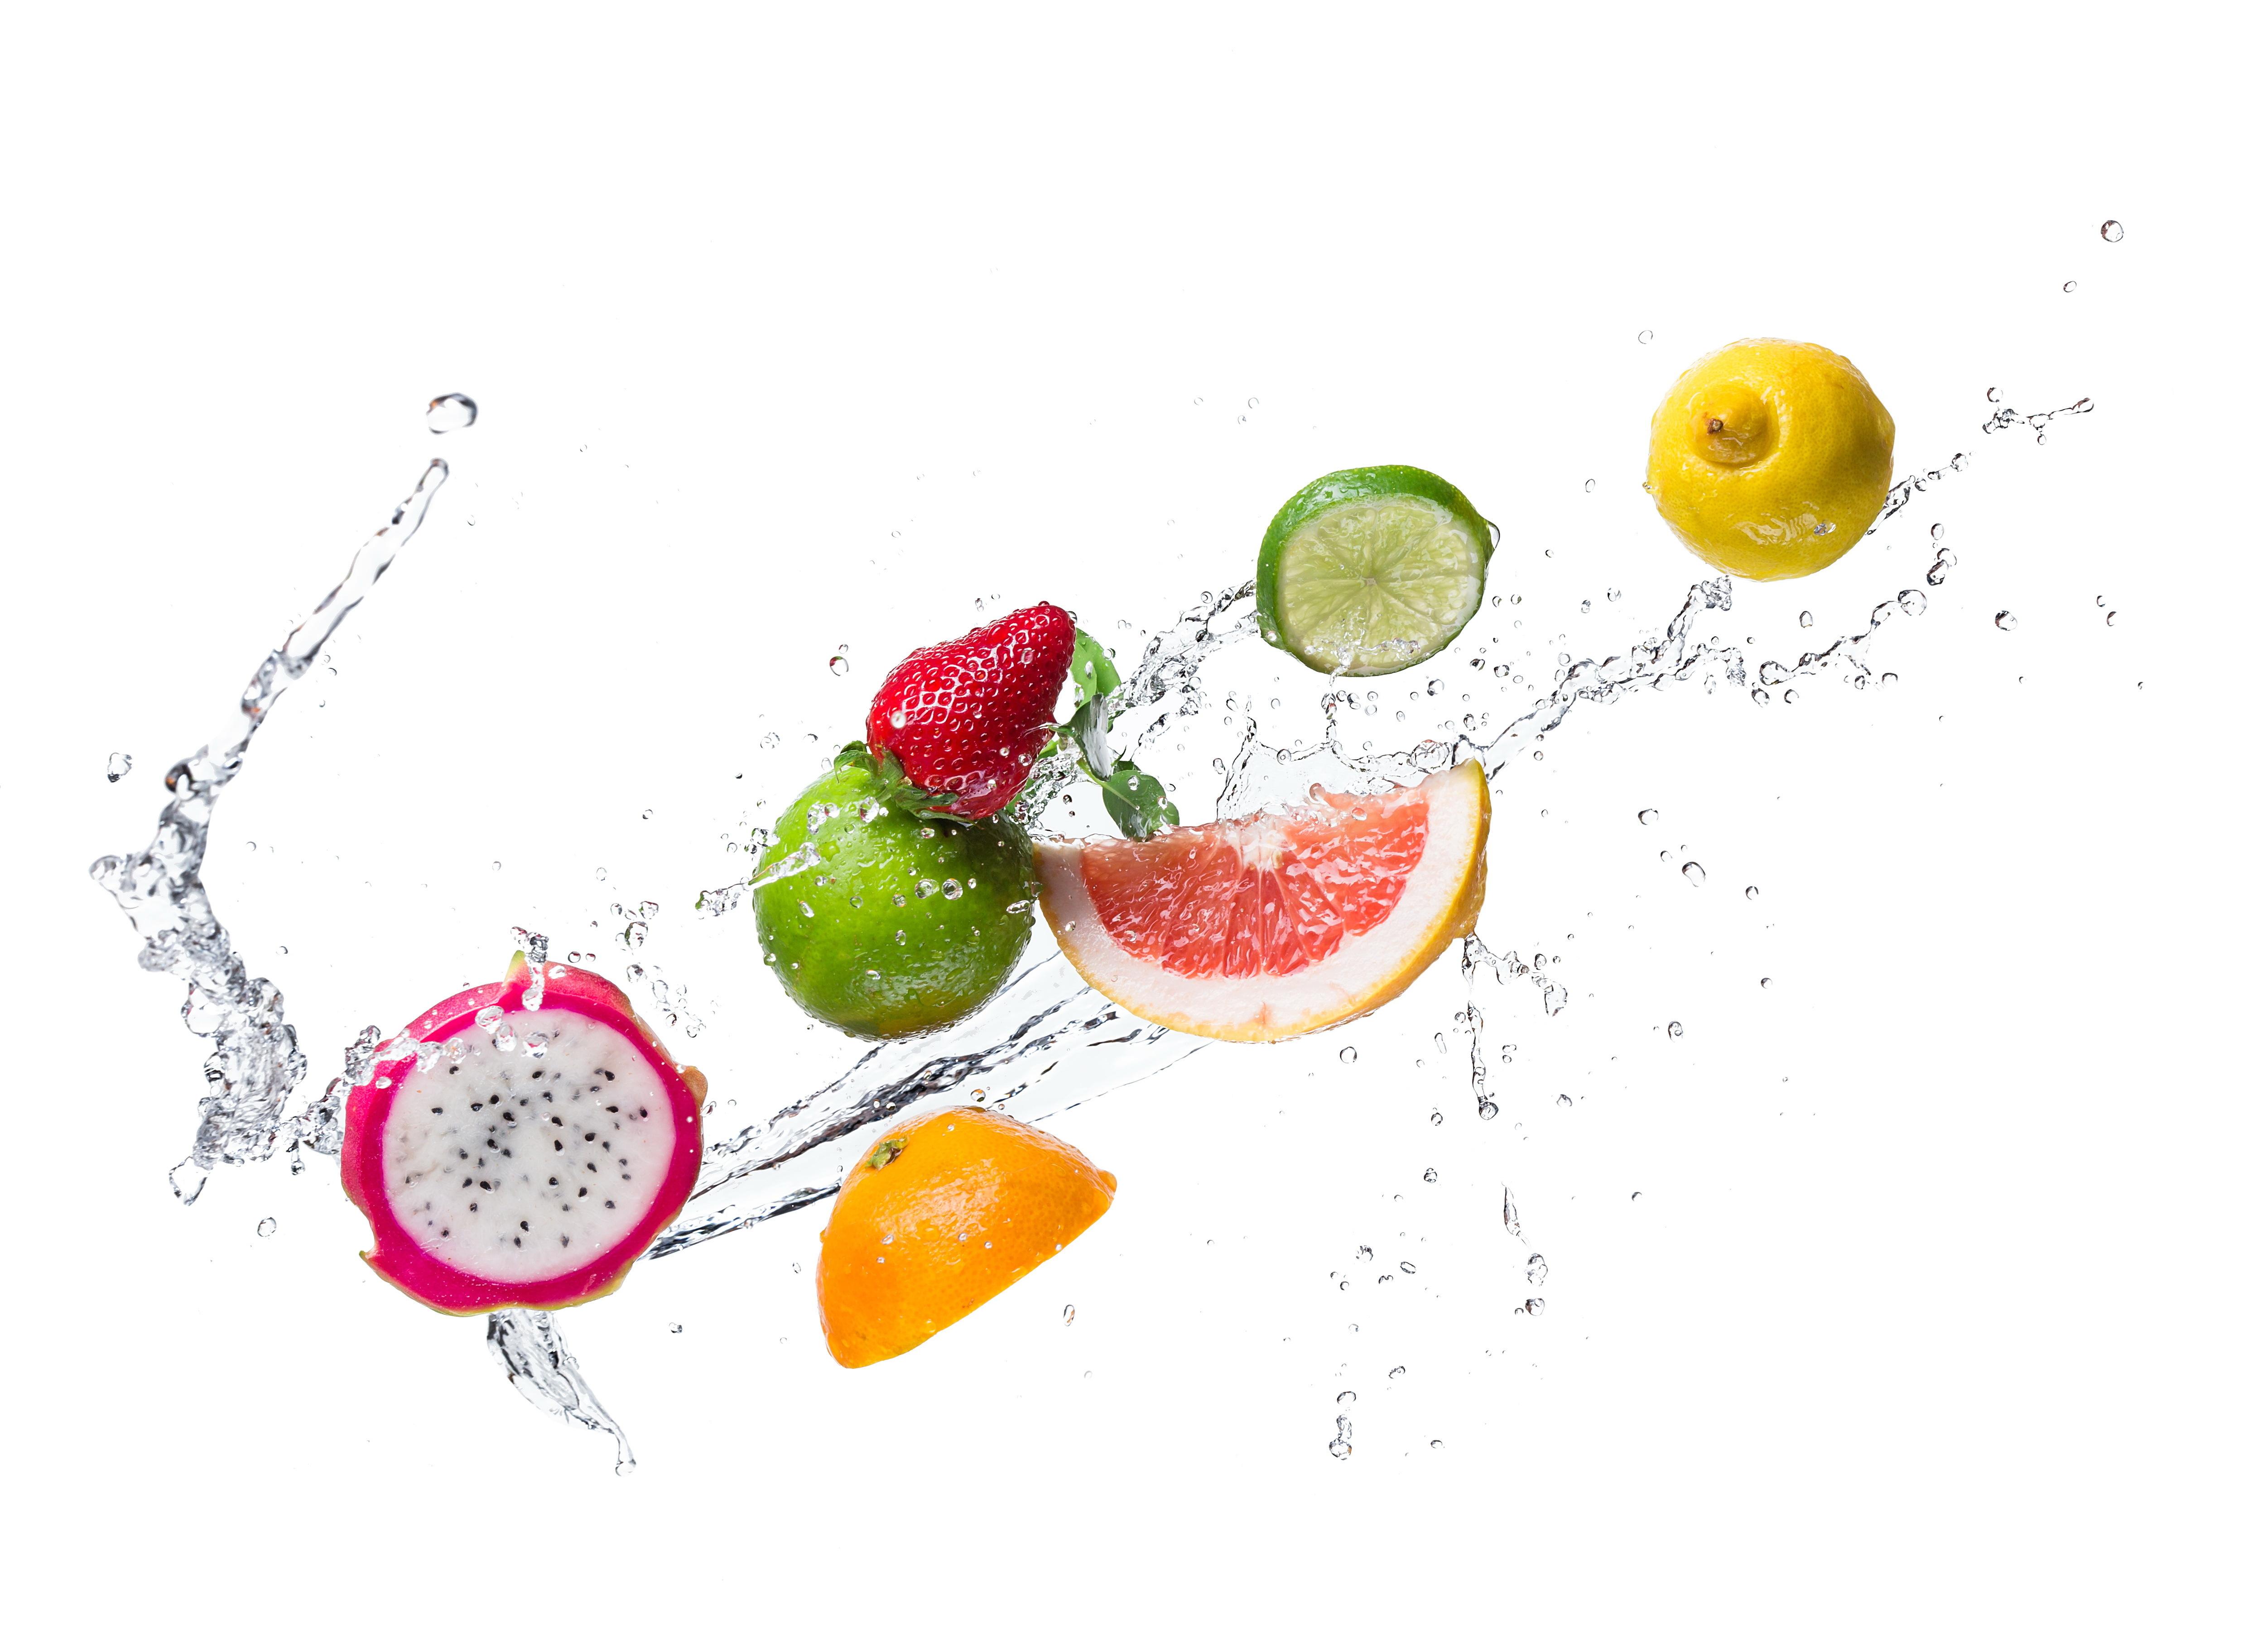 еда напитки лайм лимон апельсин клубника вишня коктейль food drinks lime lemon orange strawberry cherry cocktail  № 2154591 без смс